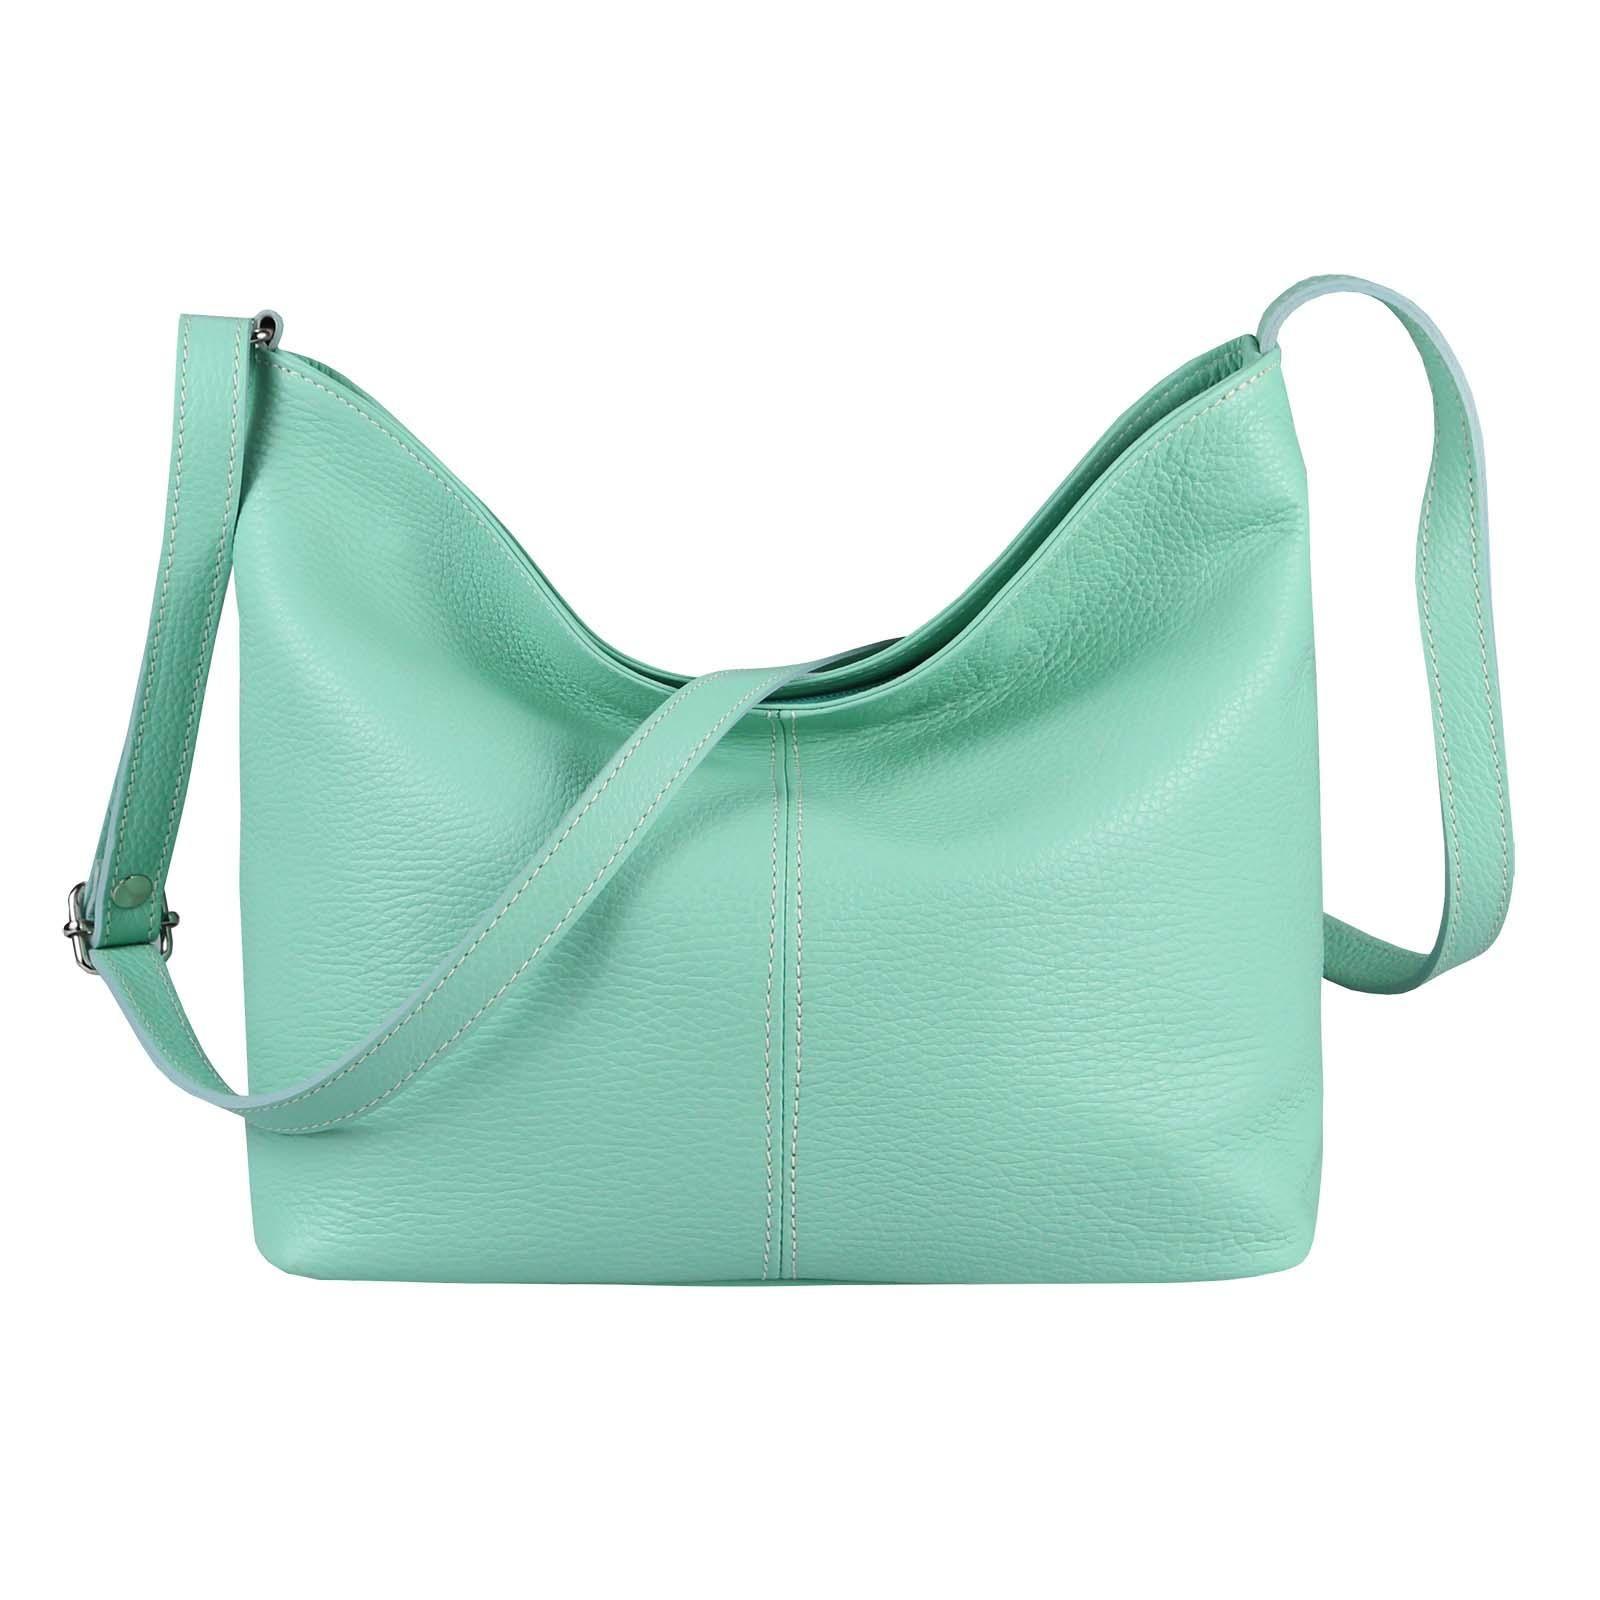 f638c04d24 MADE in ITALY Damen LEDER TASCHE Handtasche Umhängetasche Shopper  Damentasche Schultertasche Cross-Over Ledertasche Mint